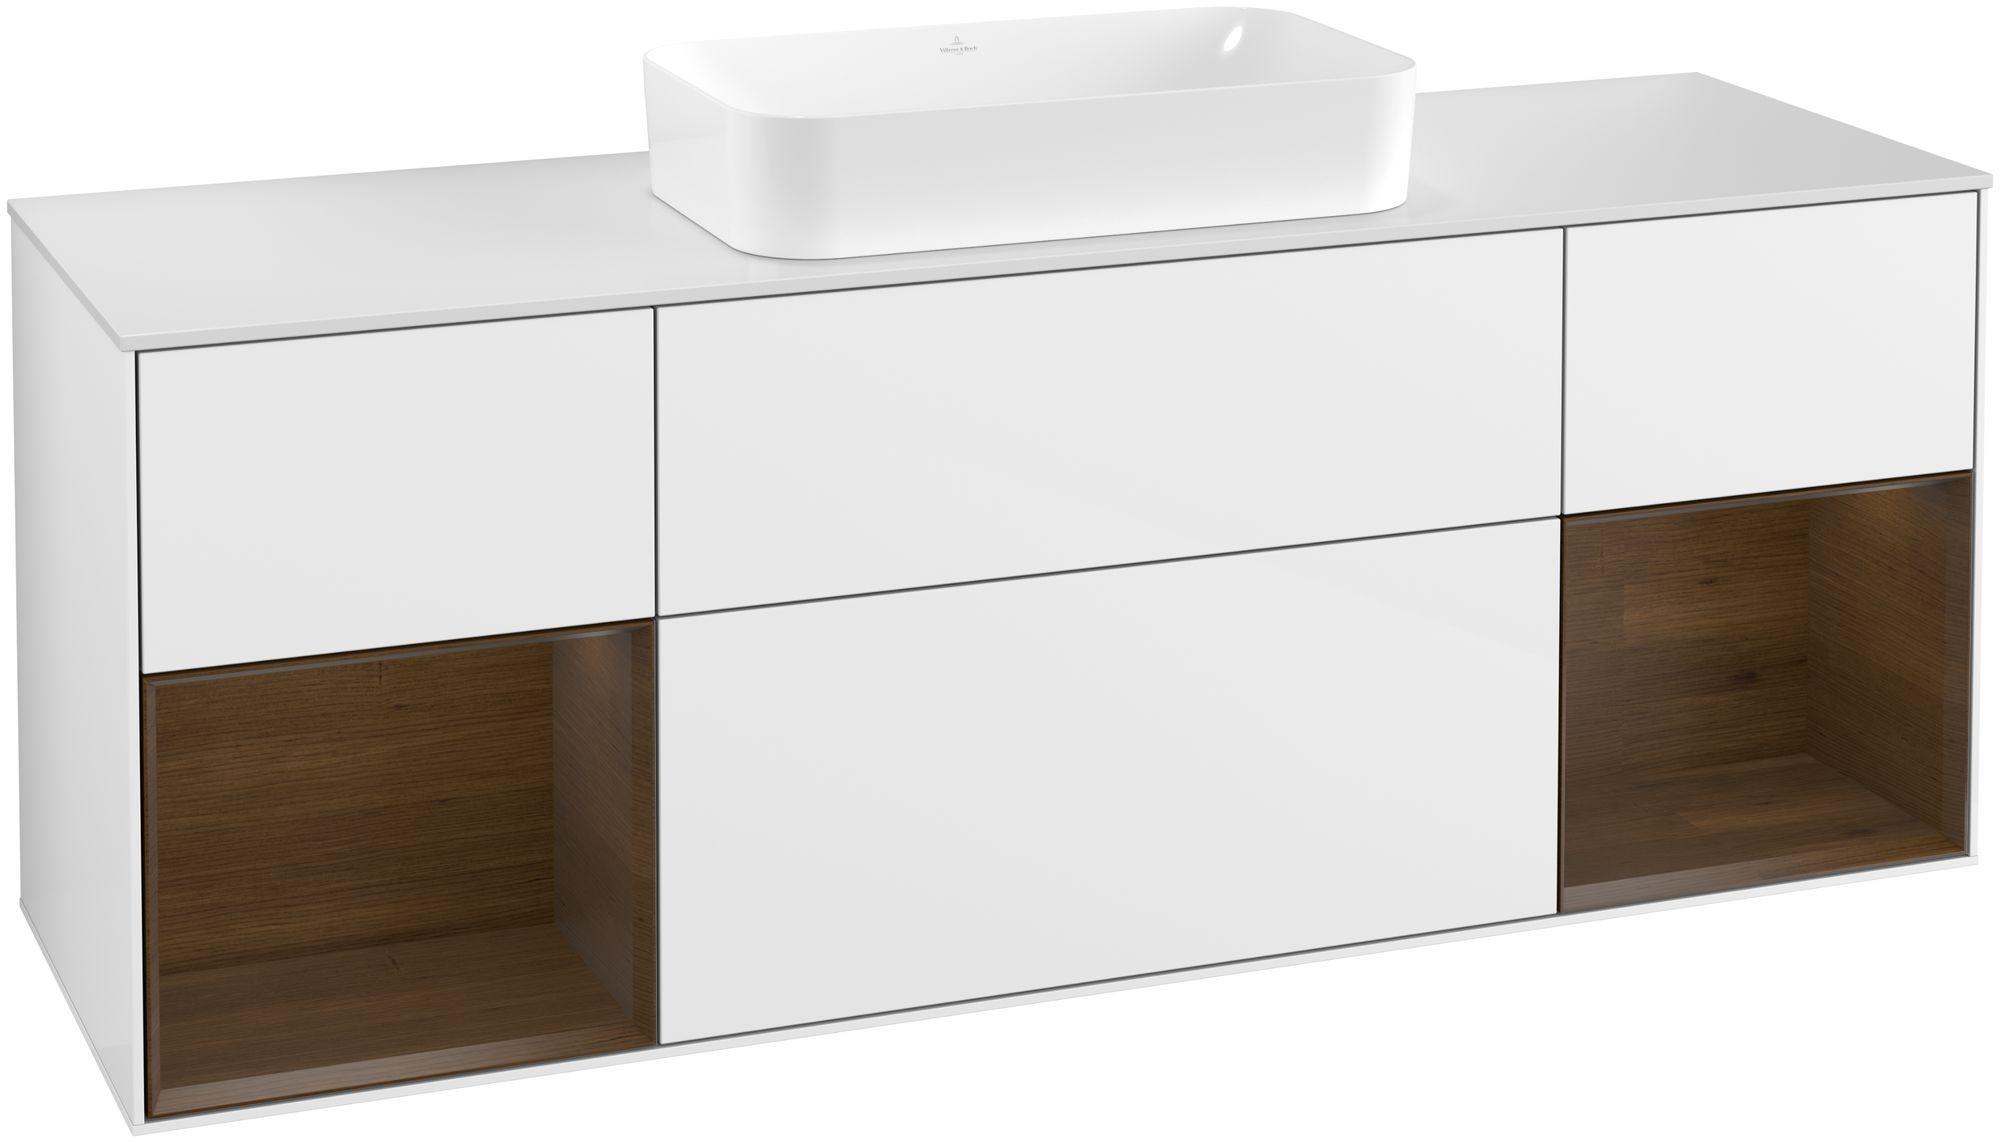 Villeroy & Boch Finion F33 Waschtischunterschrank mit Regalelement 4 Auszüge Waschtisch mittig LED-Beleuchtung B:160xH:60,3xT:50,1cm Front, Korpus: Glossy White Lack, Regal: Walnut Veneer, Glasplatte: White Matt F331GNGF